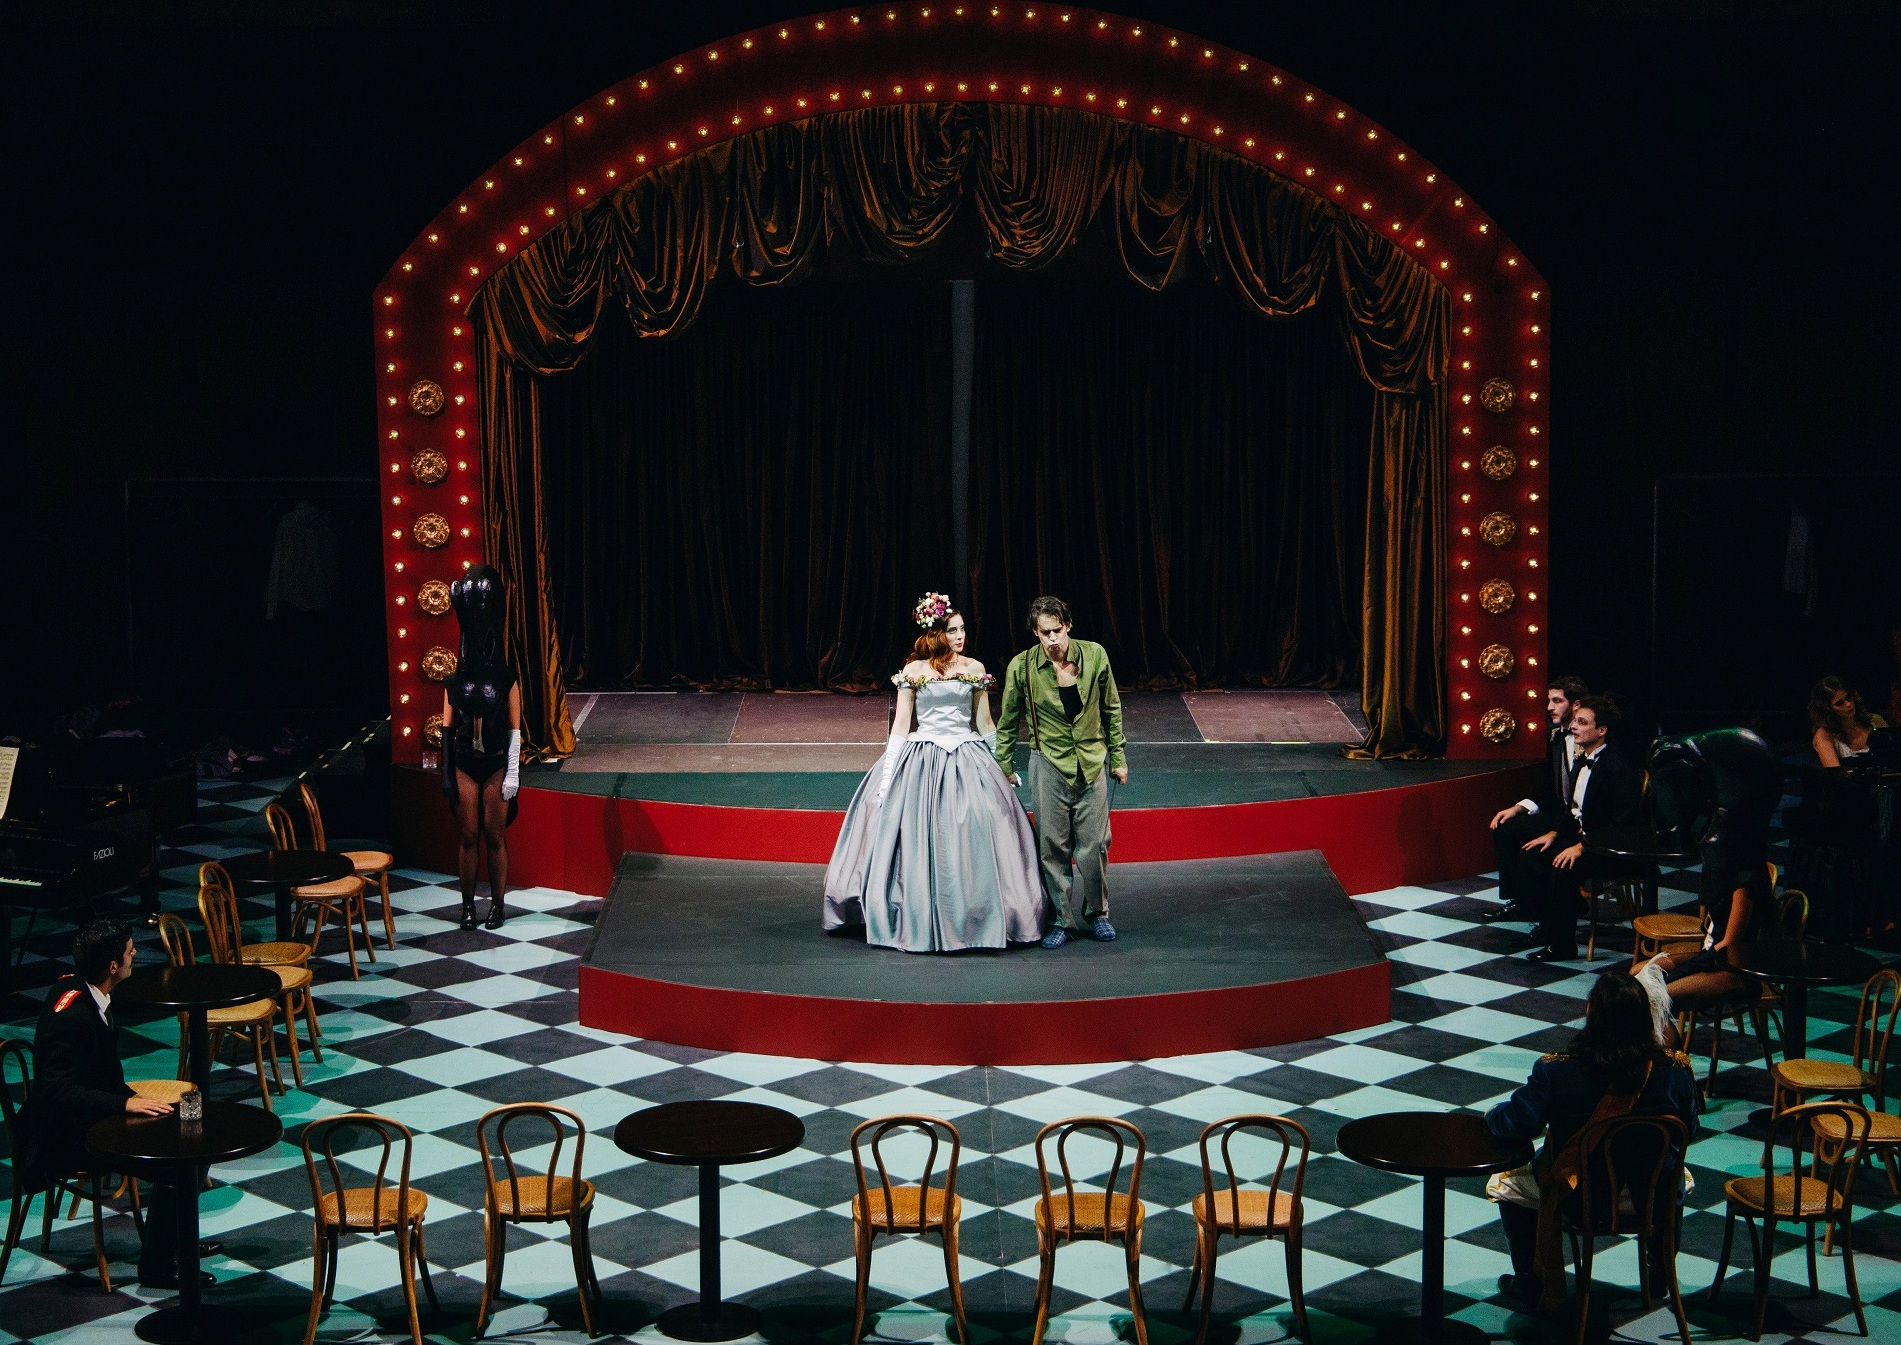 Το θρυλικό musical Ωραία Μου Κυρία ανεβαίνει στην Εναλλακτική Σκηνή της Λυρικής